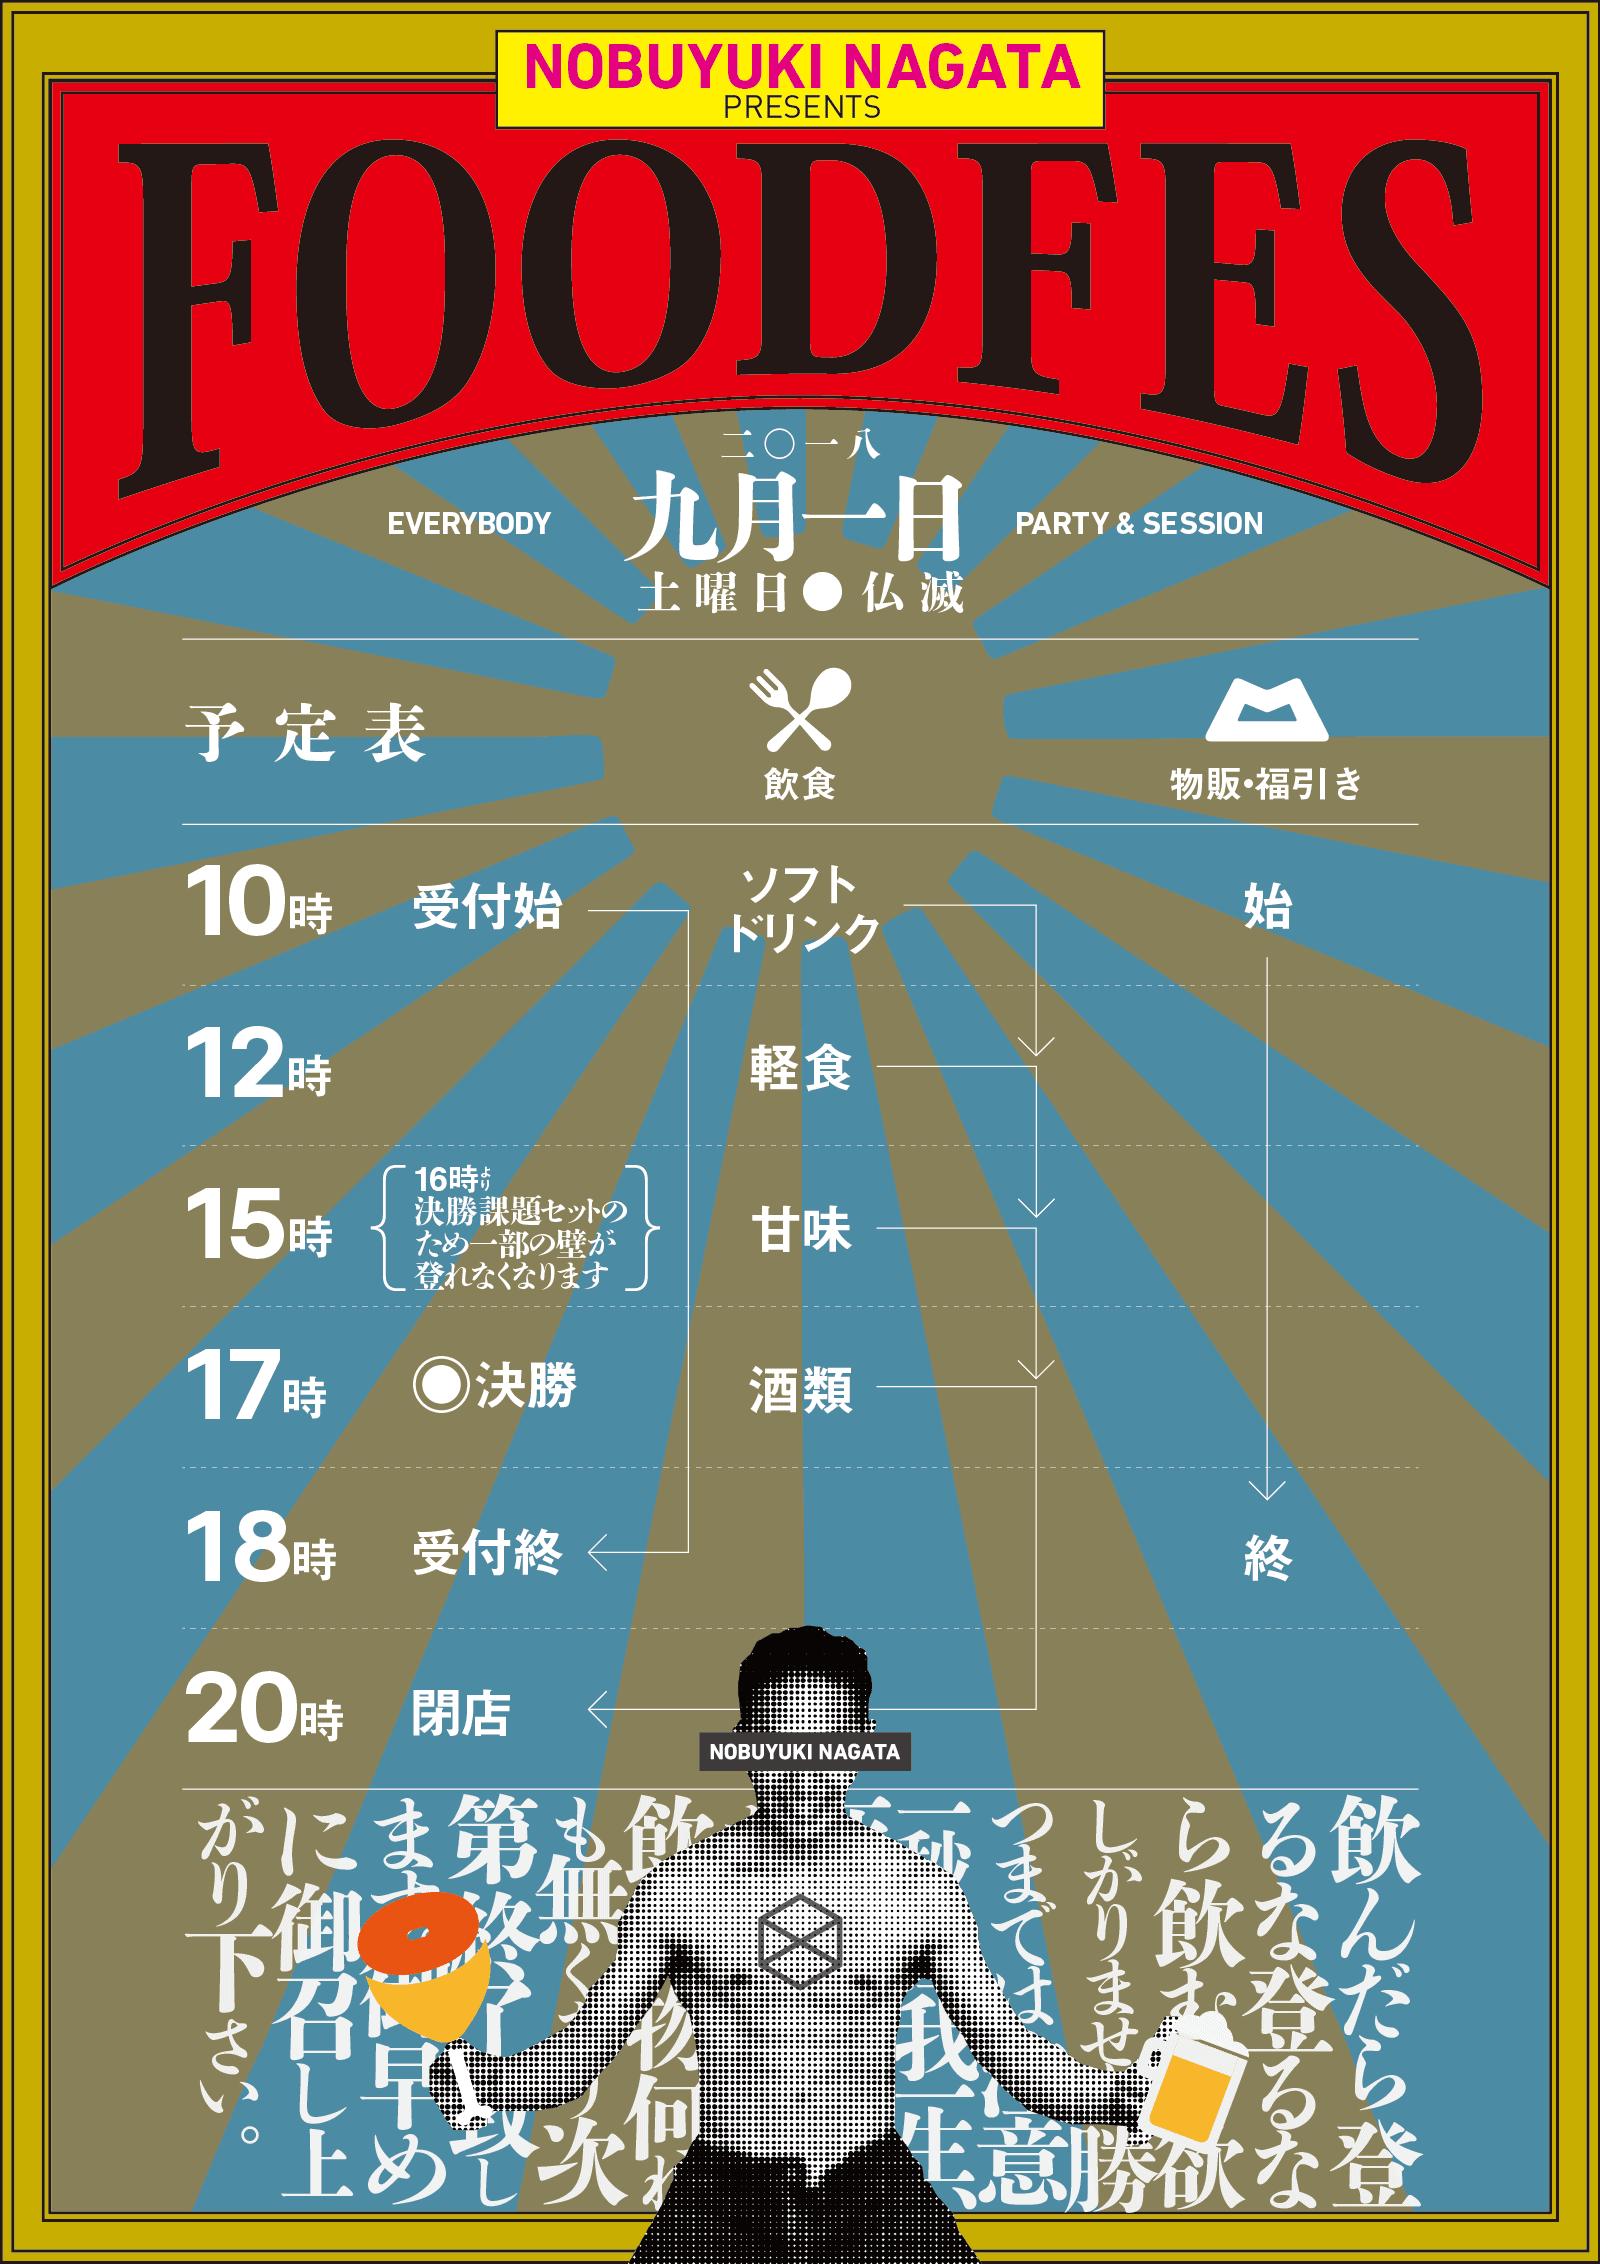 フードフェス予定表